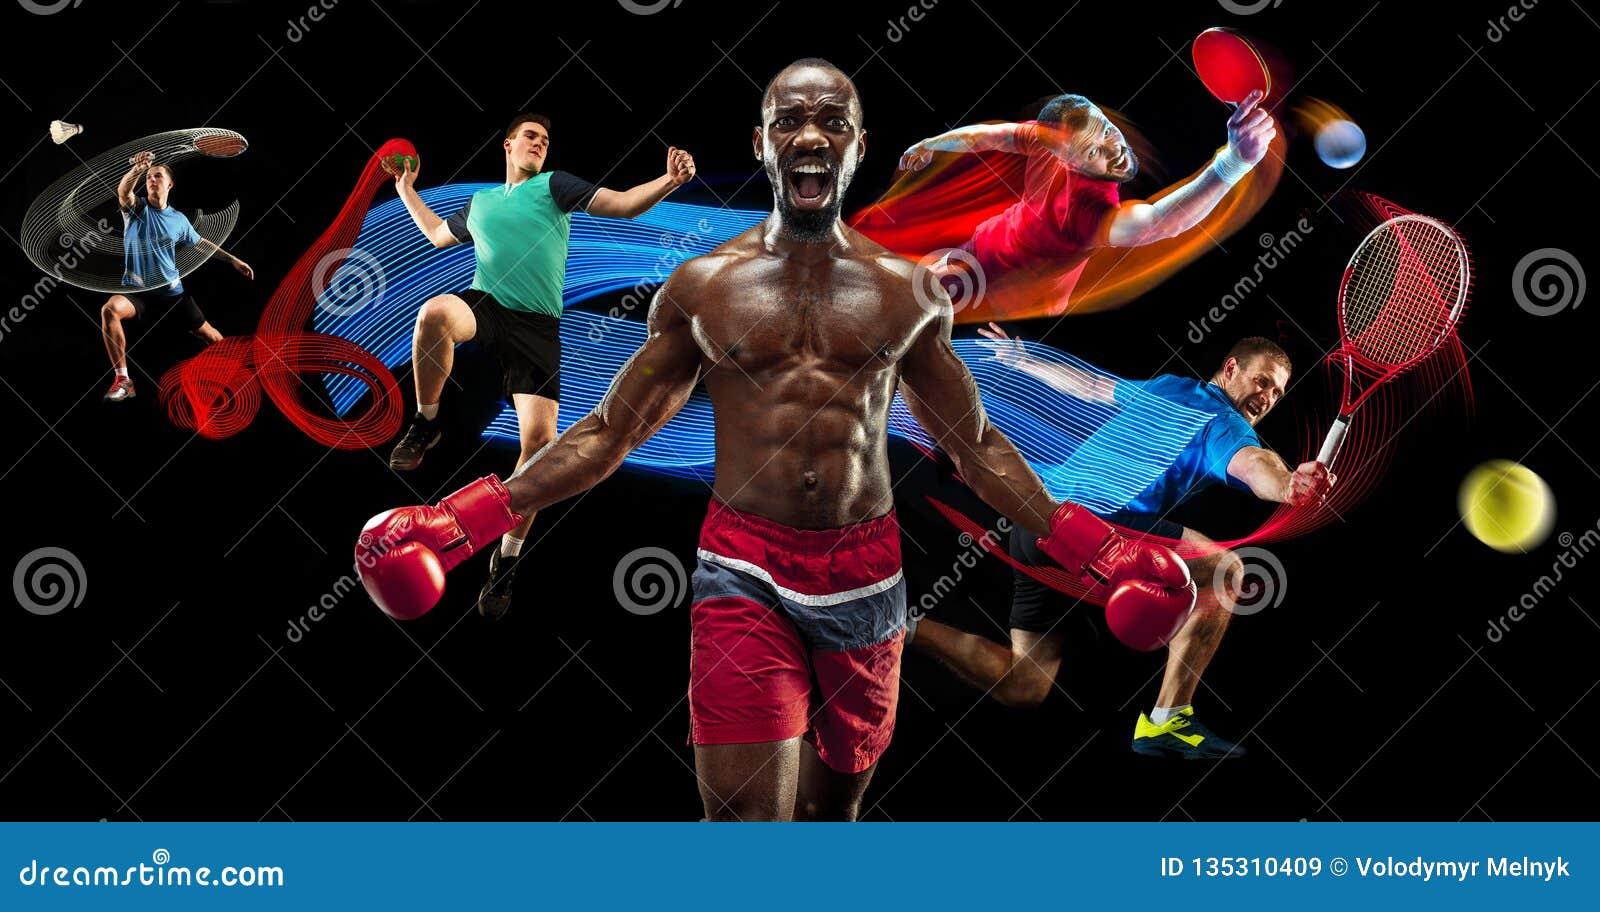 Ataque Colagem do esporte sobre jogadores do badminton, do tênis, do encaixotamento e do handball